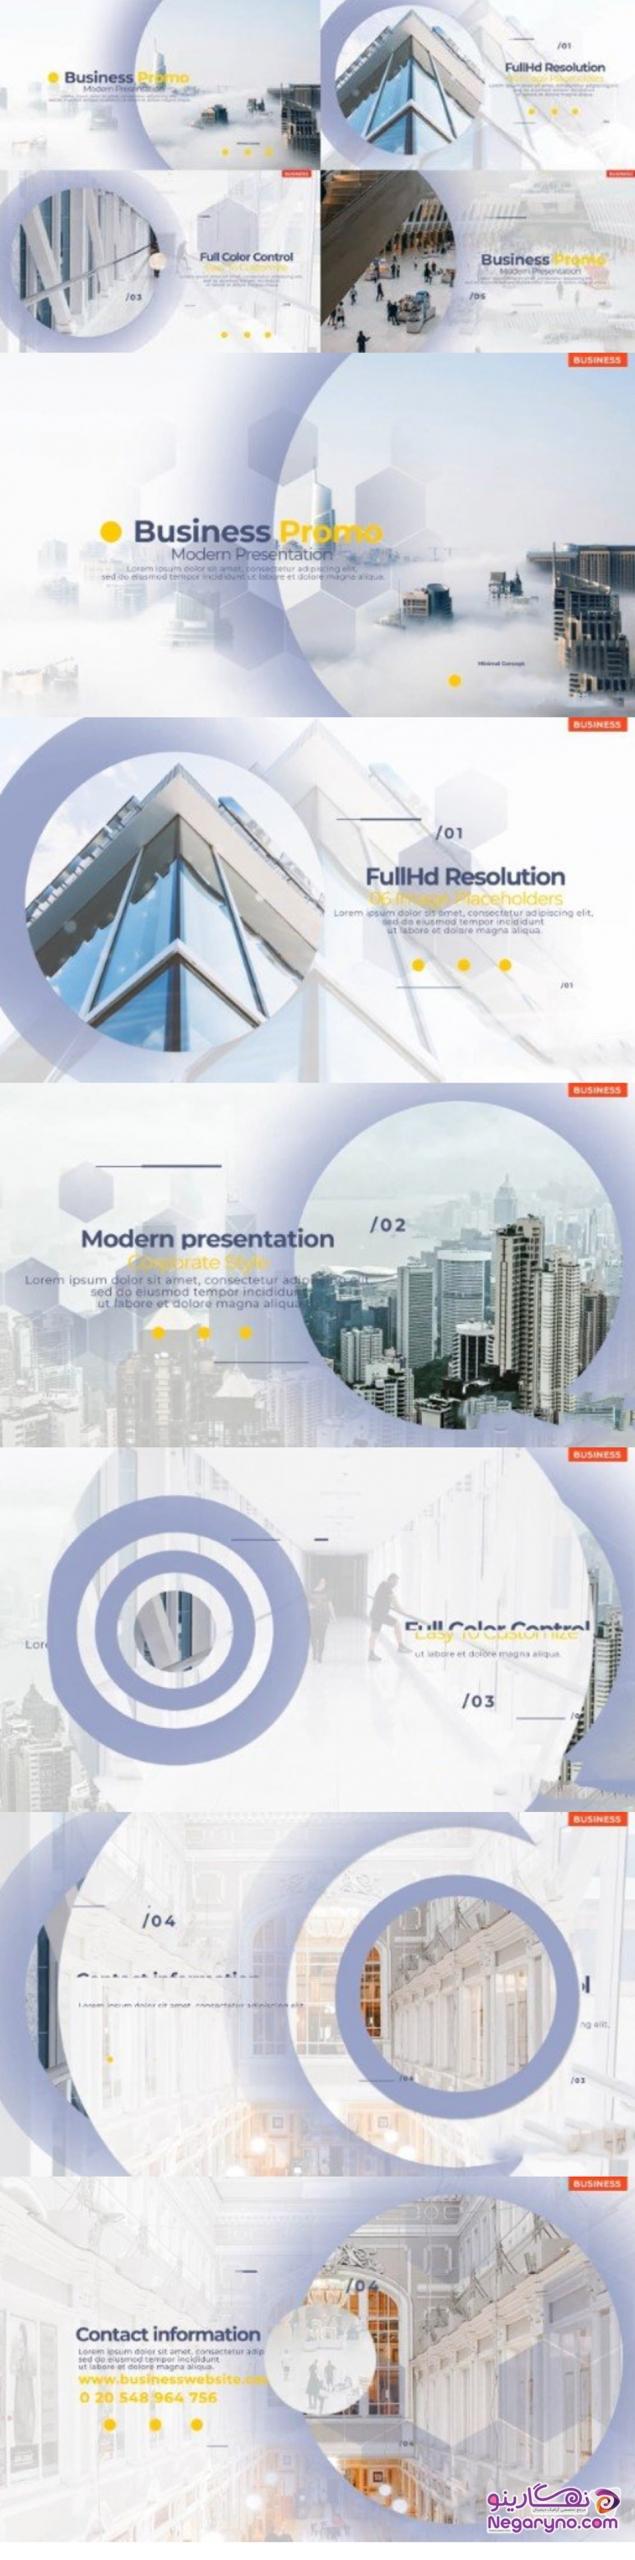 پروژه افتر افکت معرفی و تبلیغ شرکتی